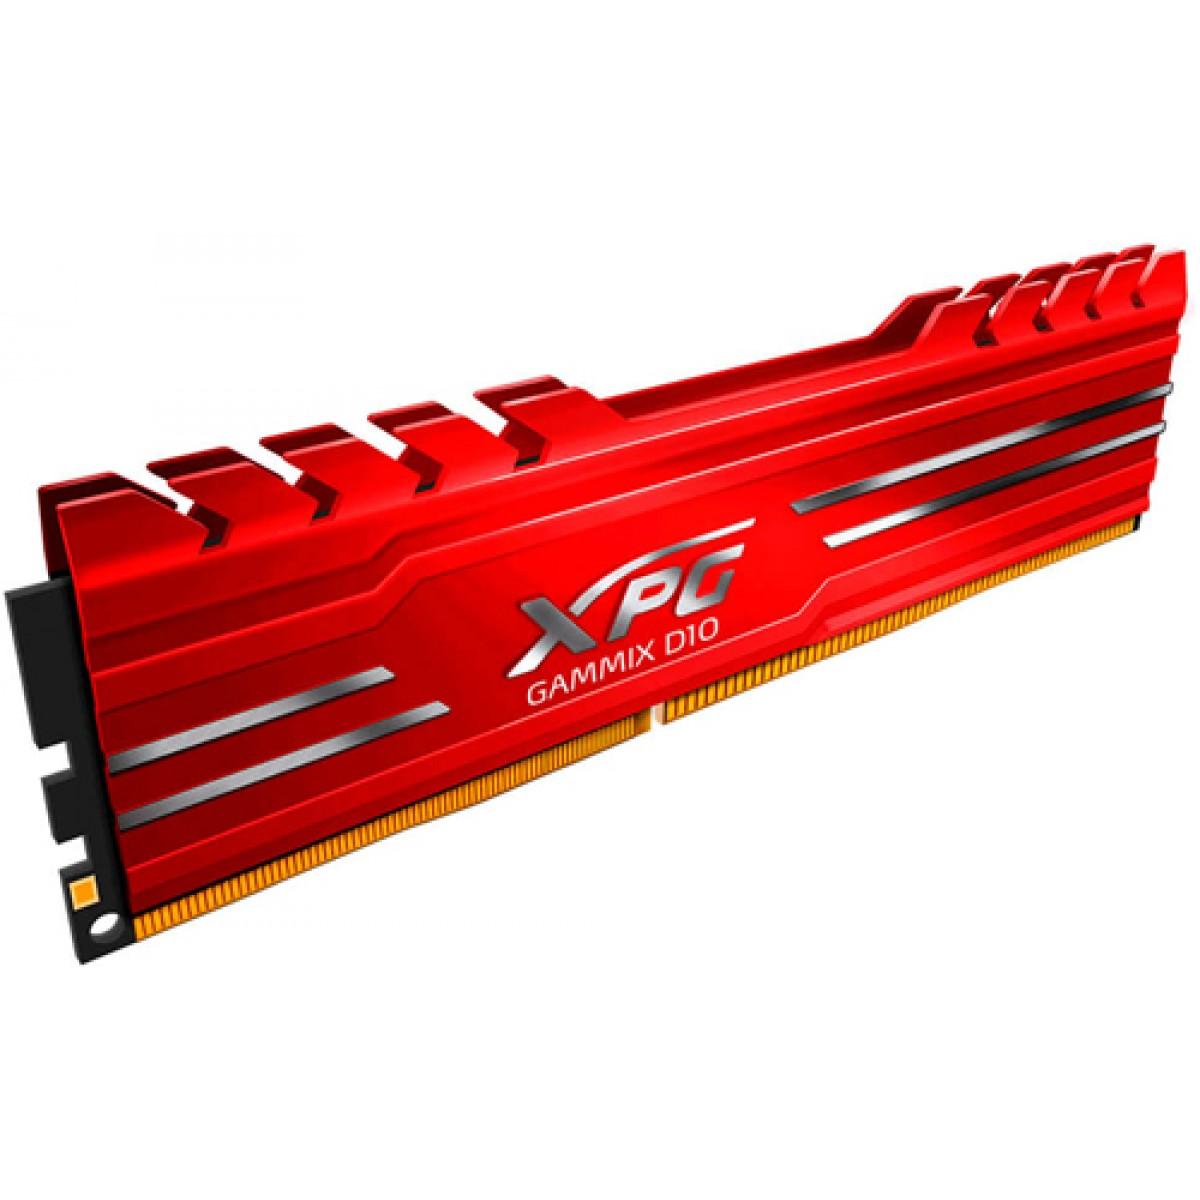 Memória DDR4 XPG Gammix D10, 16GB, 2666Mhz, CL16, Red, AX4U2666716G16-SR10